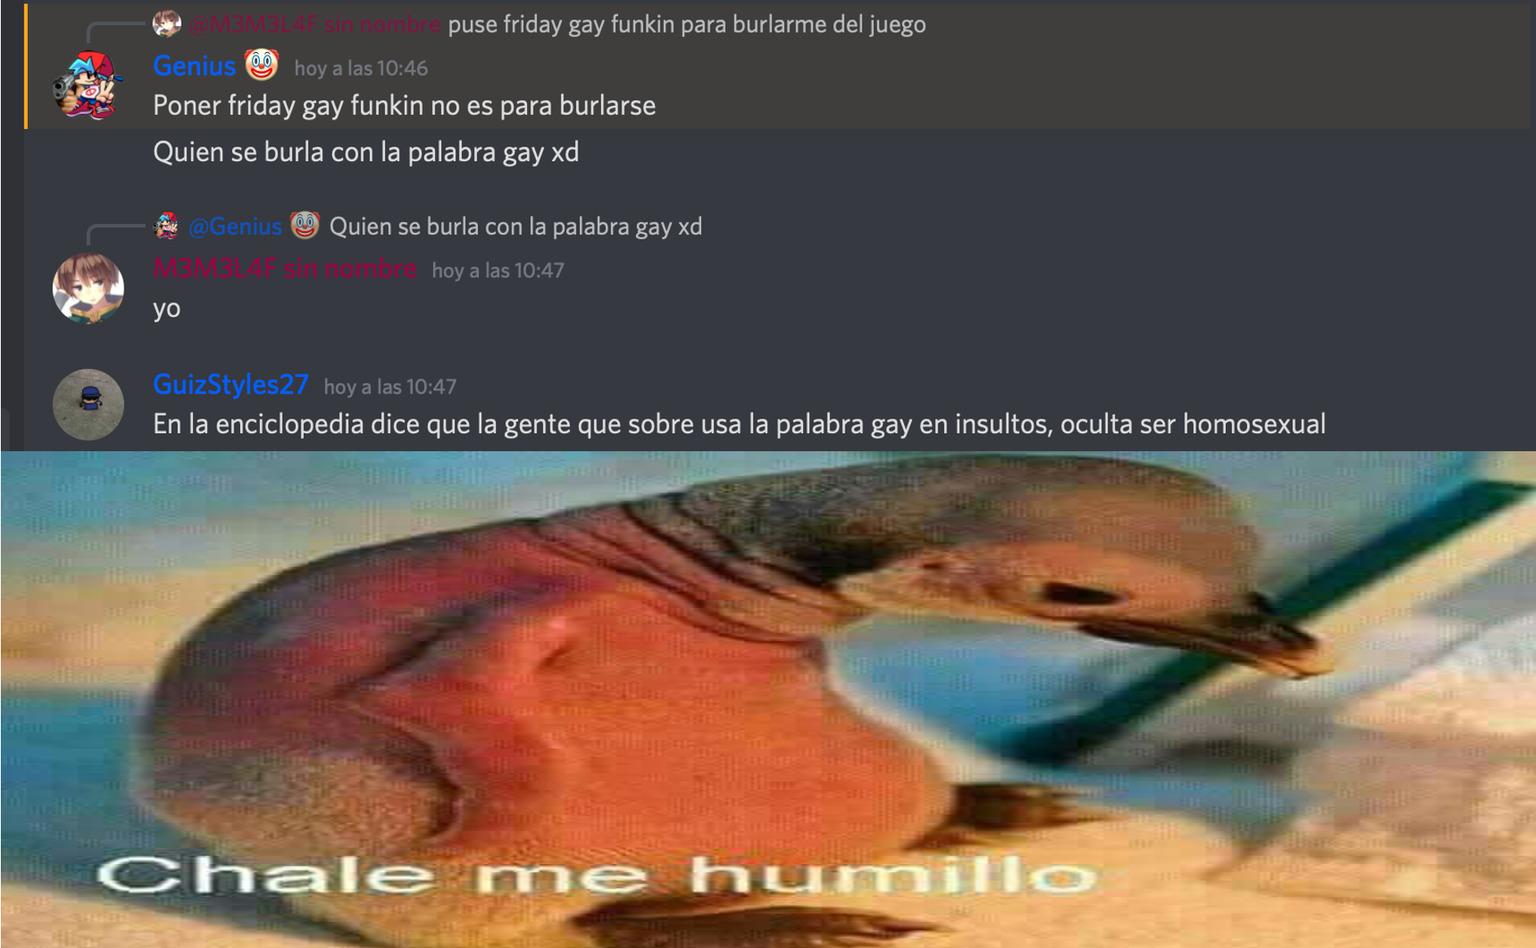 TODO ESO EMPEZO PORQUE ME BURLE DE UN FAN DE FRIDAY GAY FUNKIN PORQUE LE QUITARON EL ADMIN DEL SERVIDOR - meme